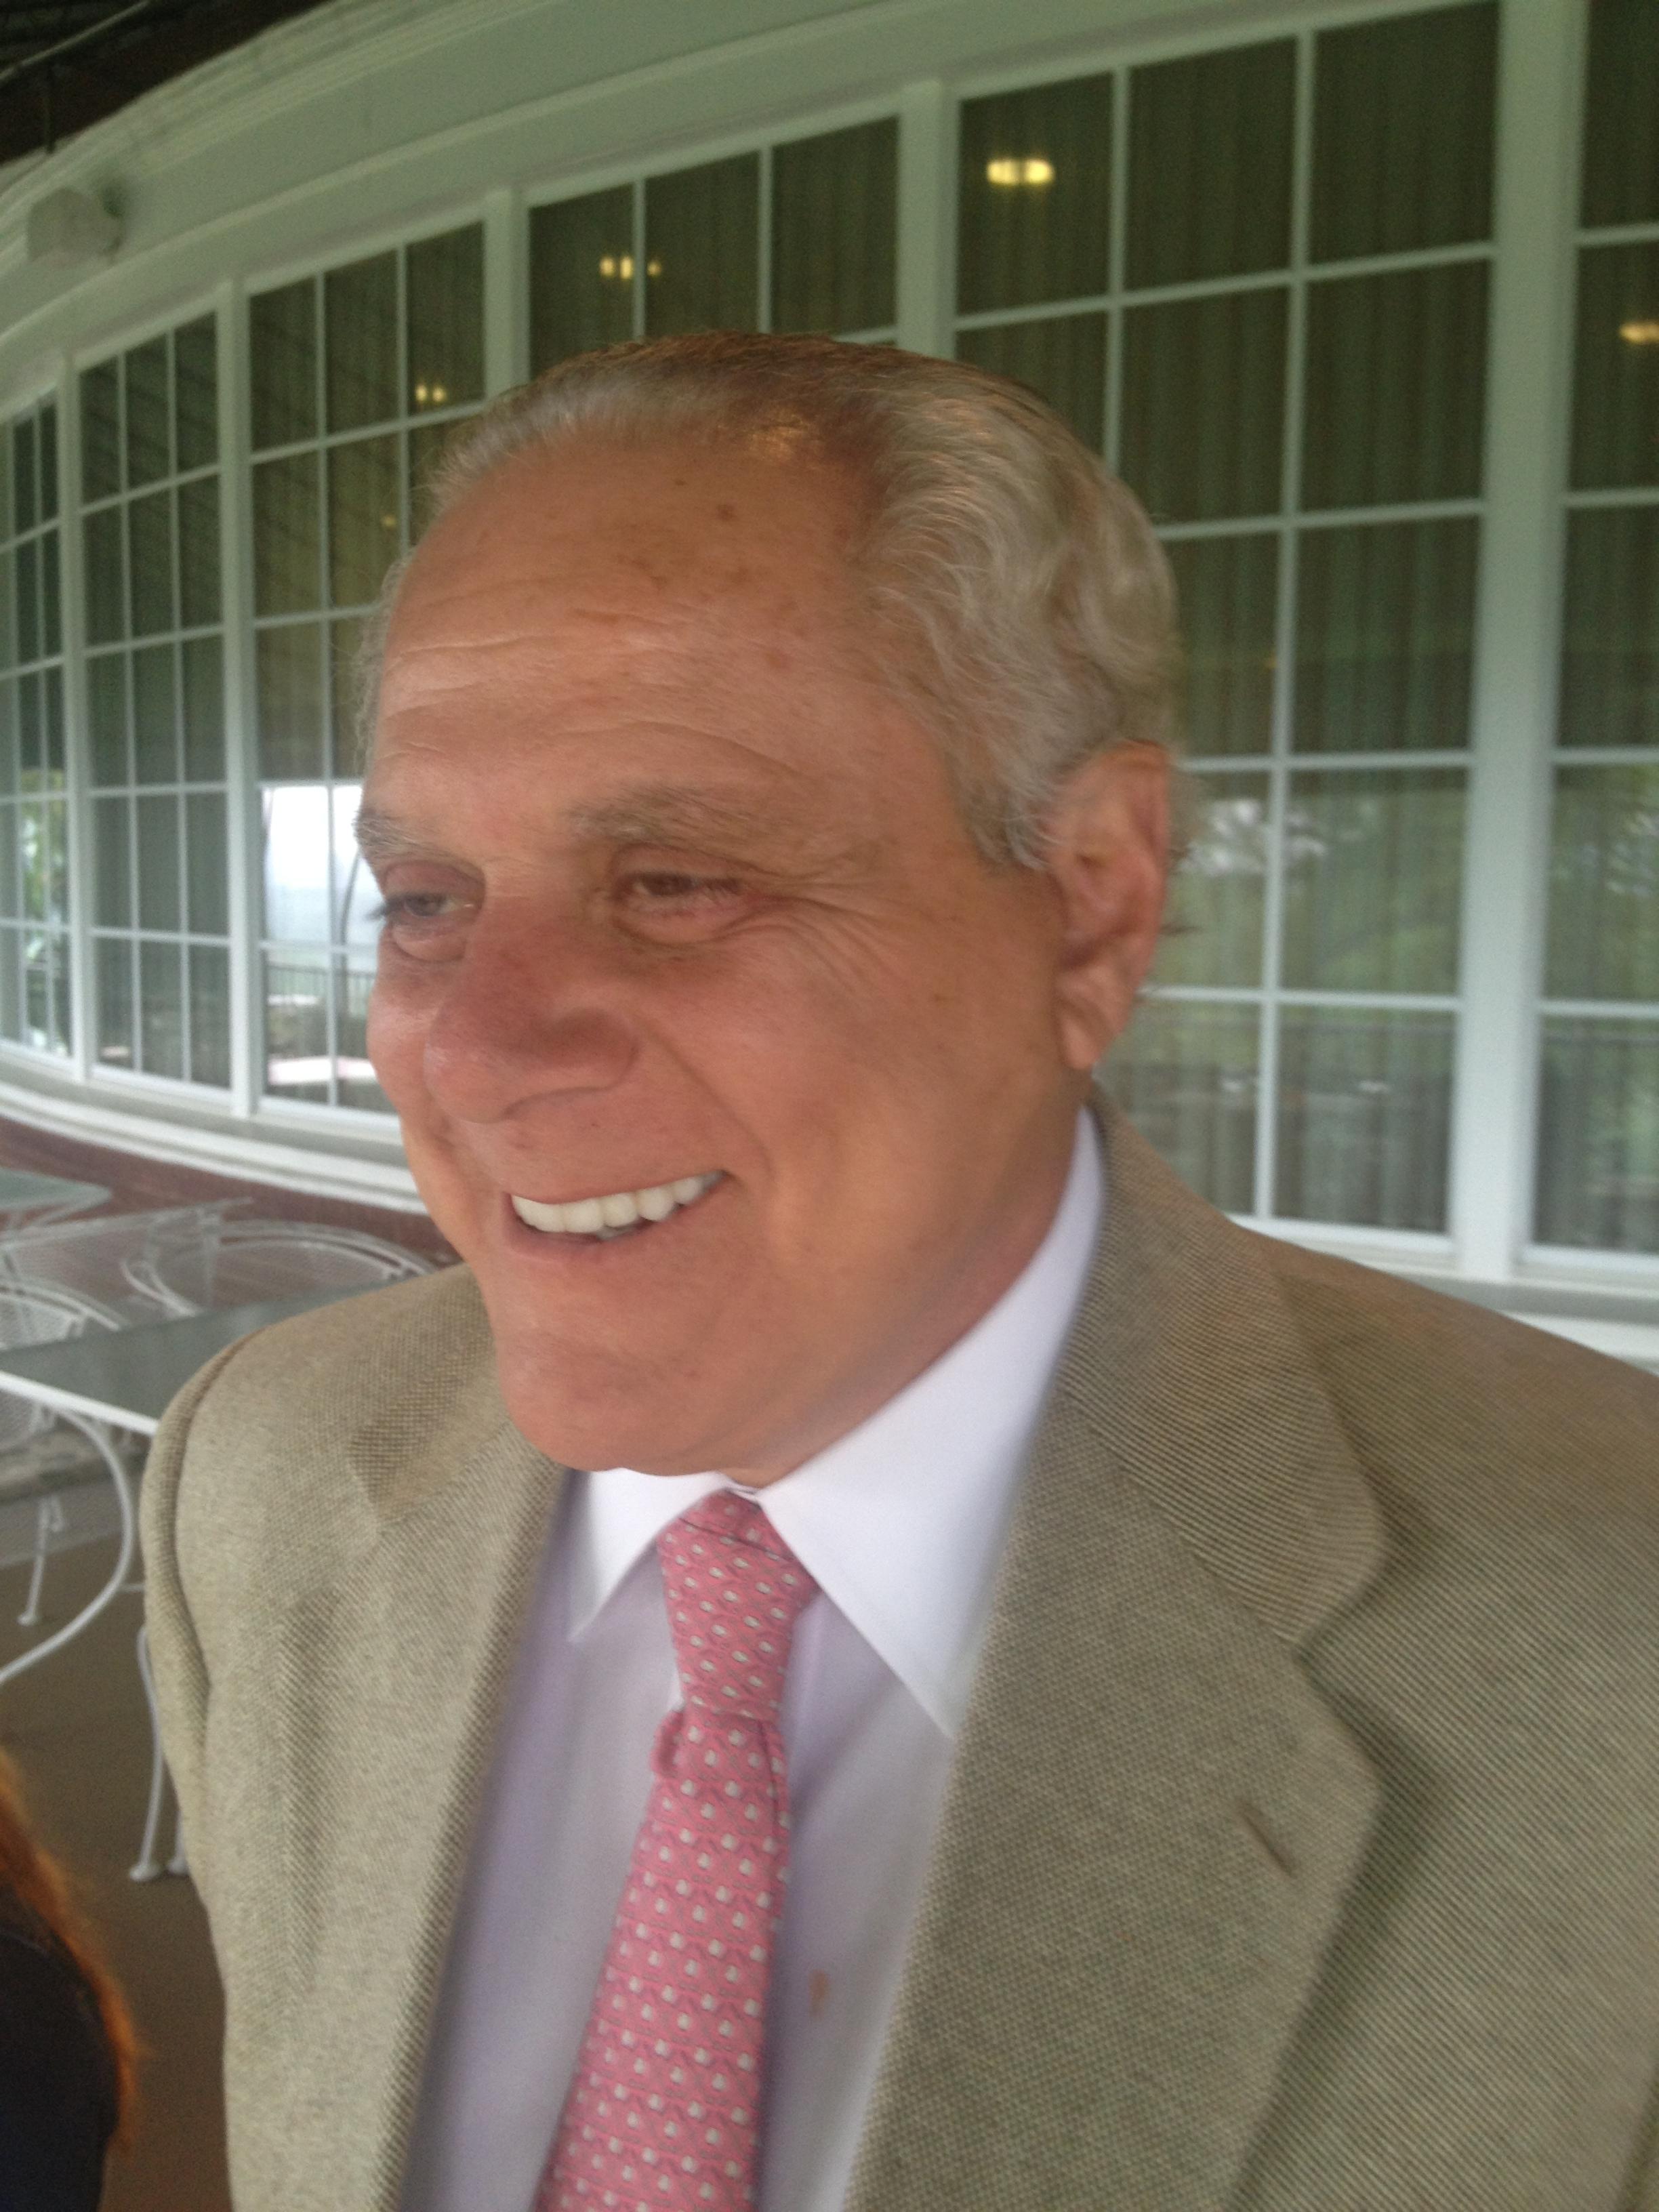 Dr. Oliver W. Caminos